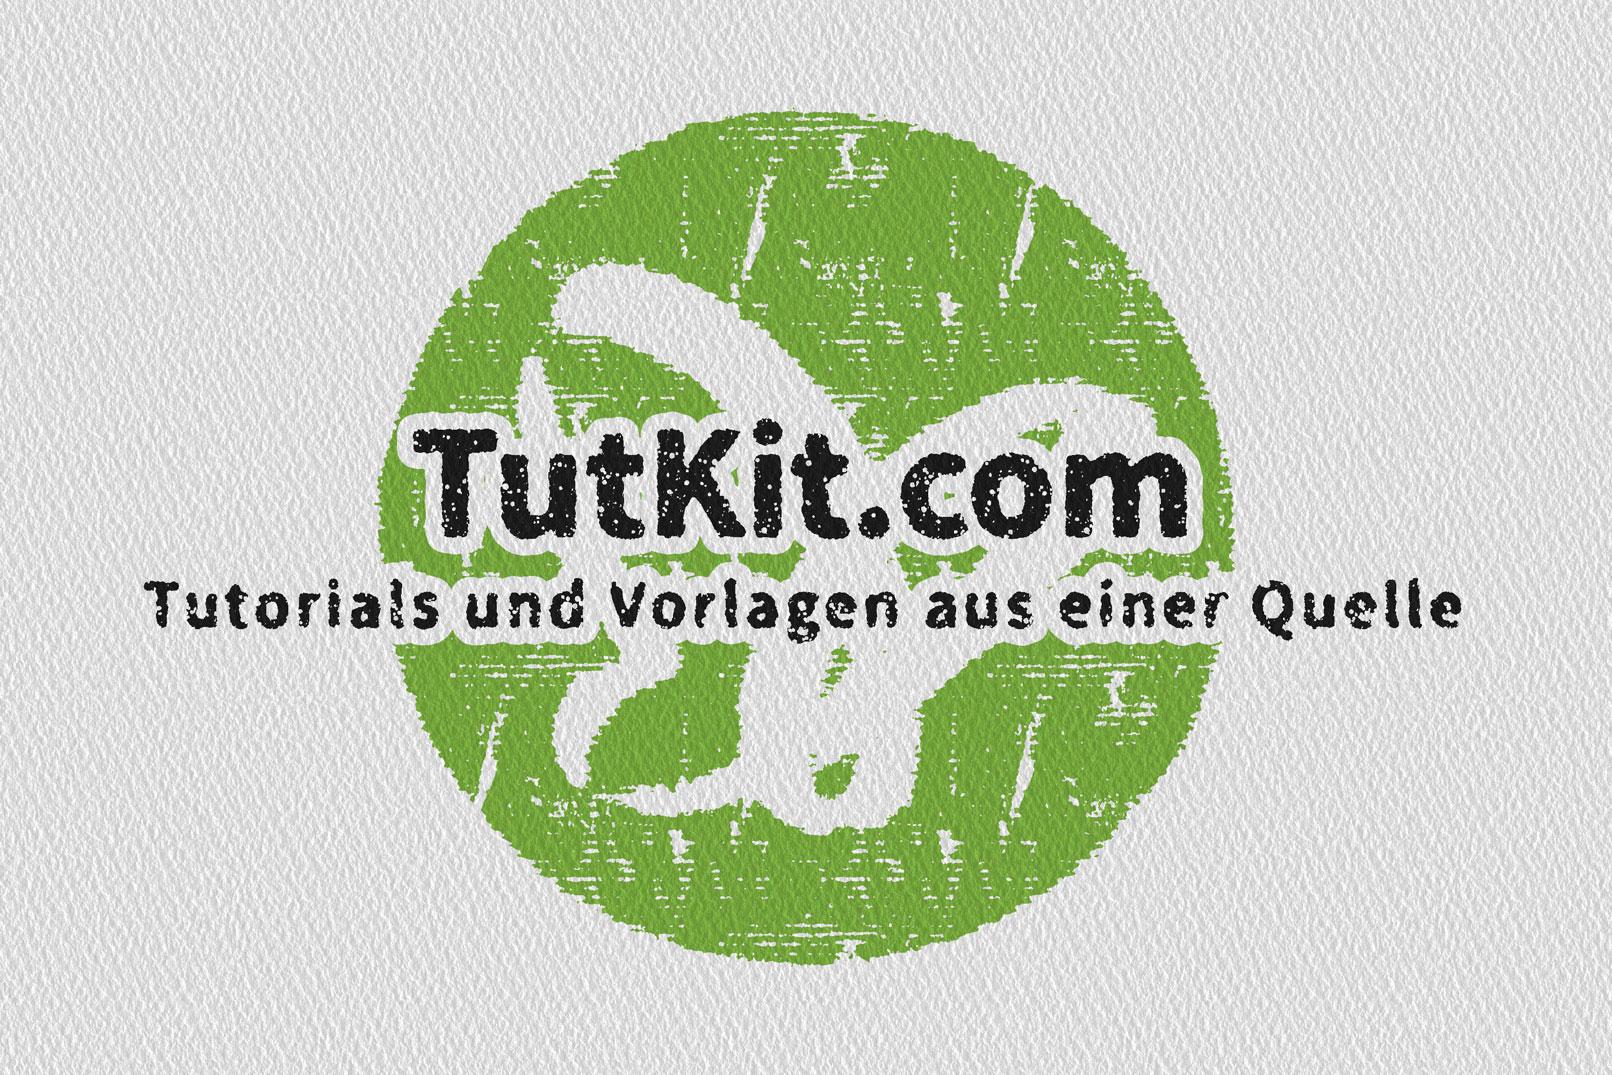 Logo mit Schriftzug, Streifen-Effekt auf Papiertextur